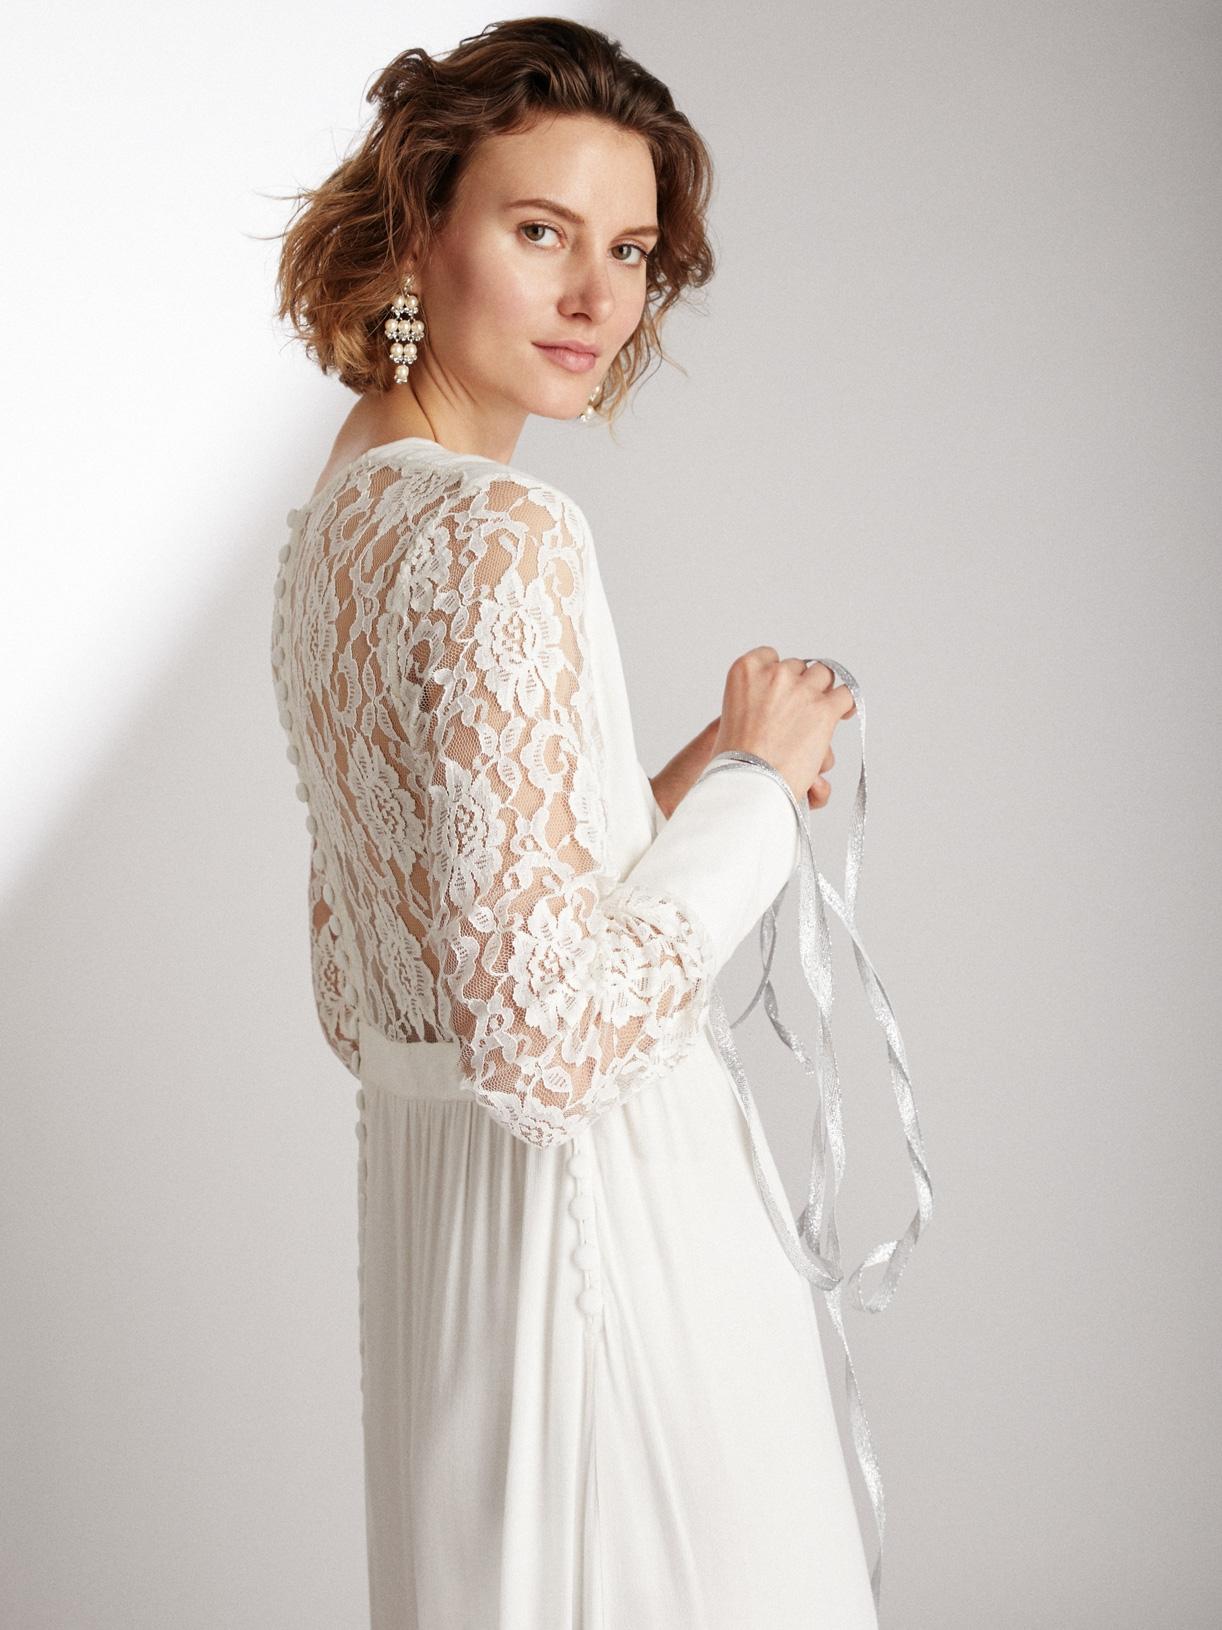 NOA - Robe de mariée longue avec manches en dentelle éthique et sur-mesure - Myphilosophy